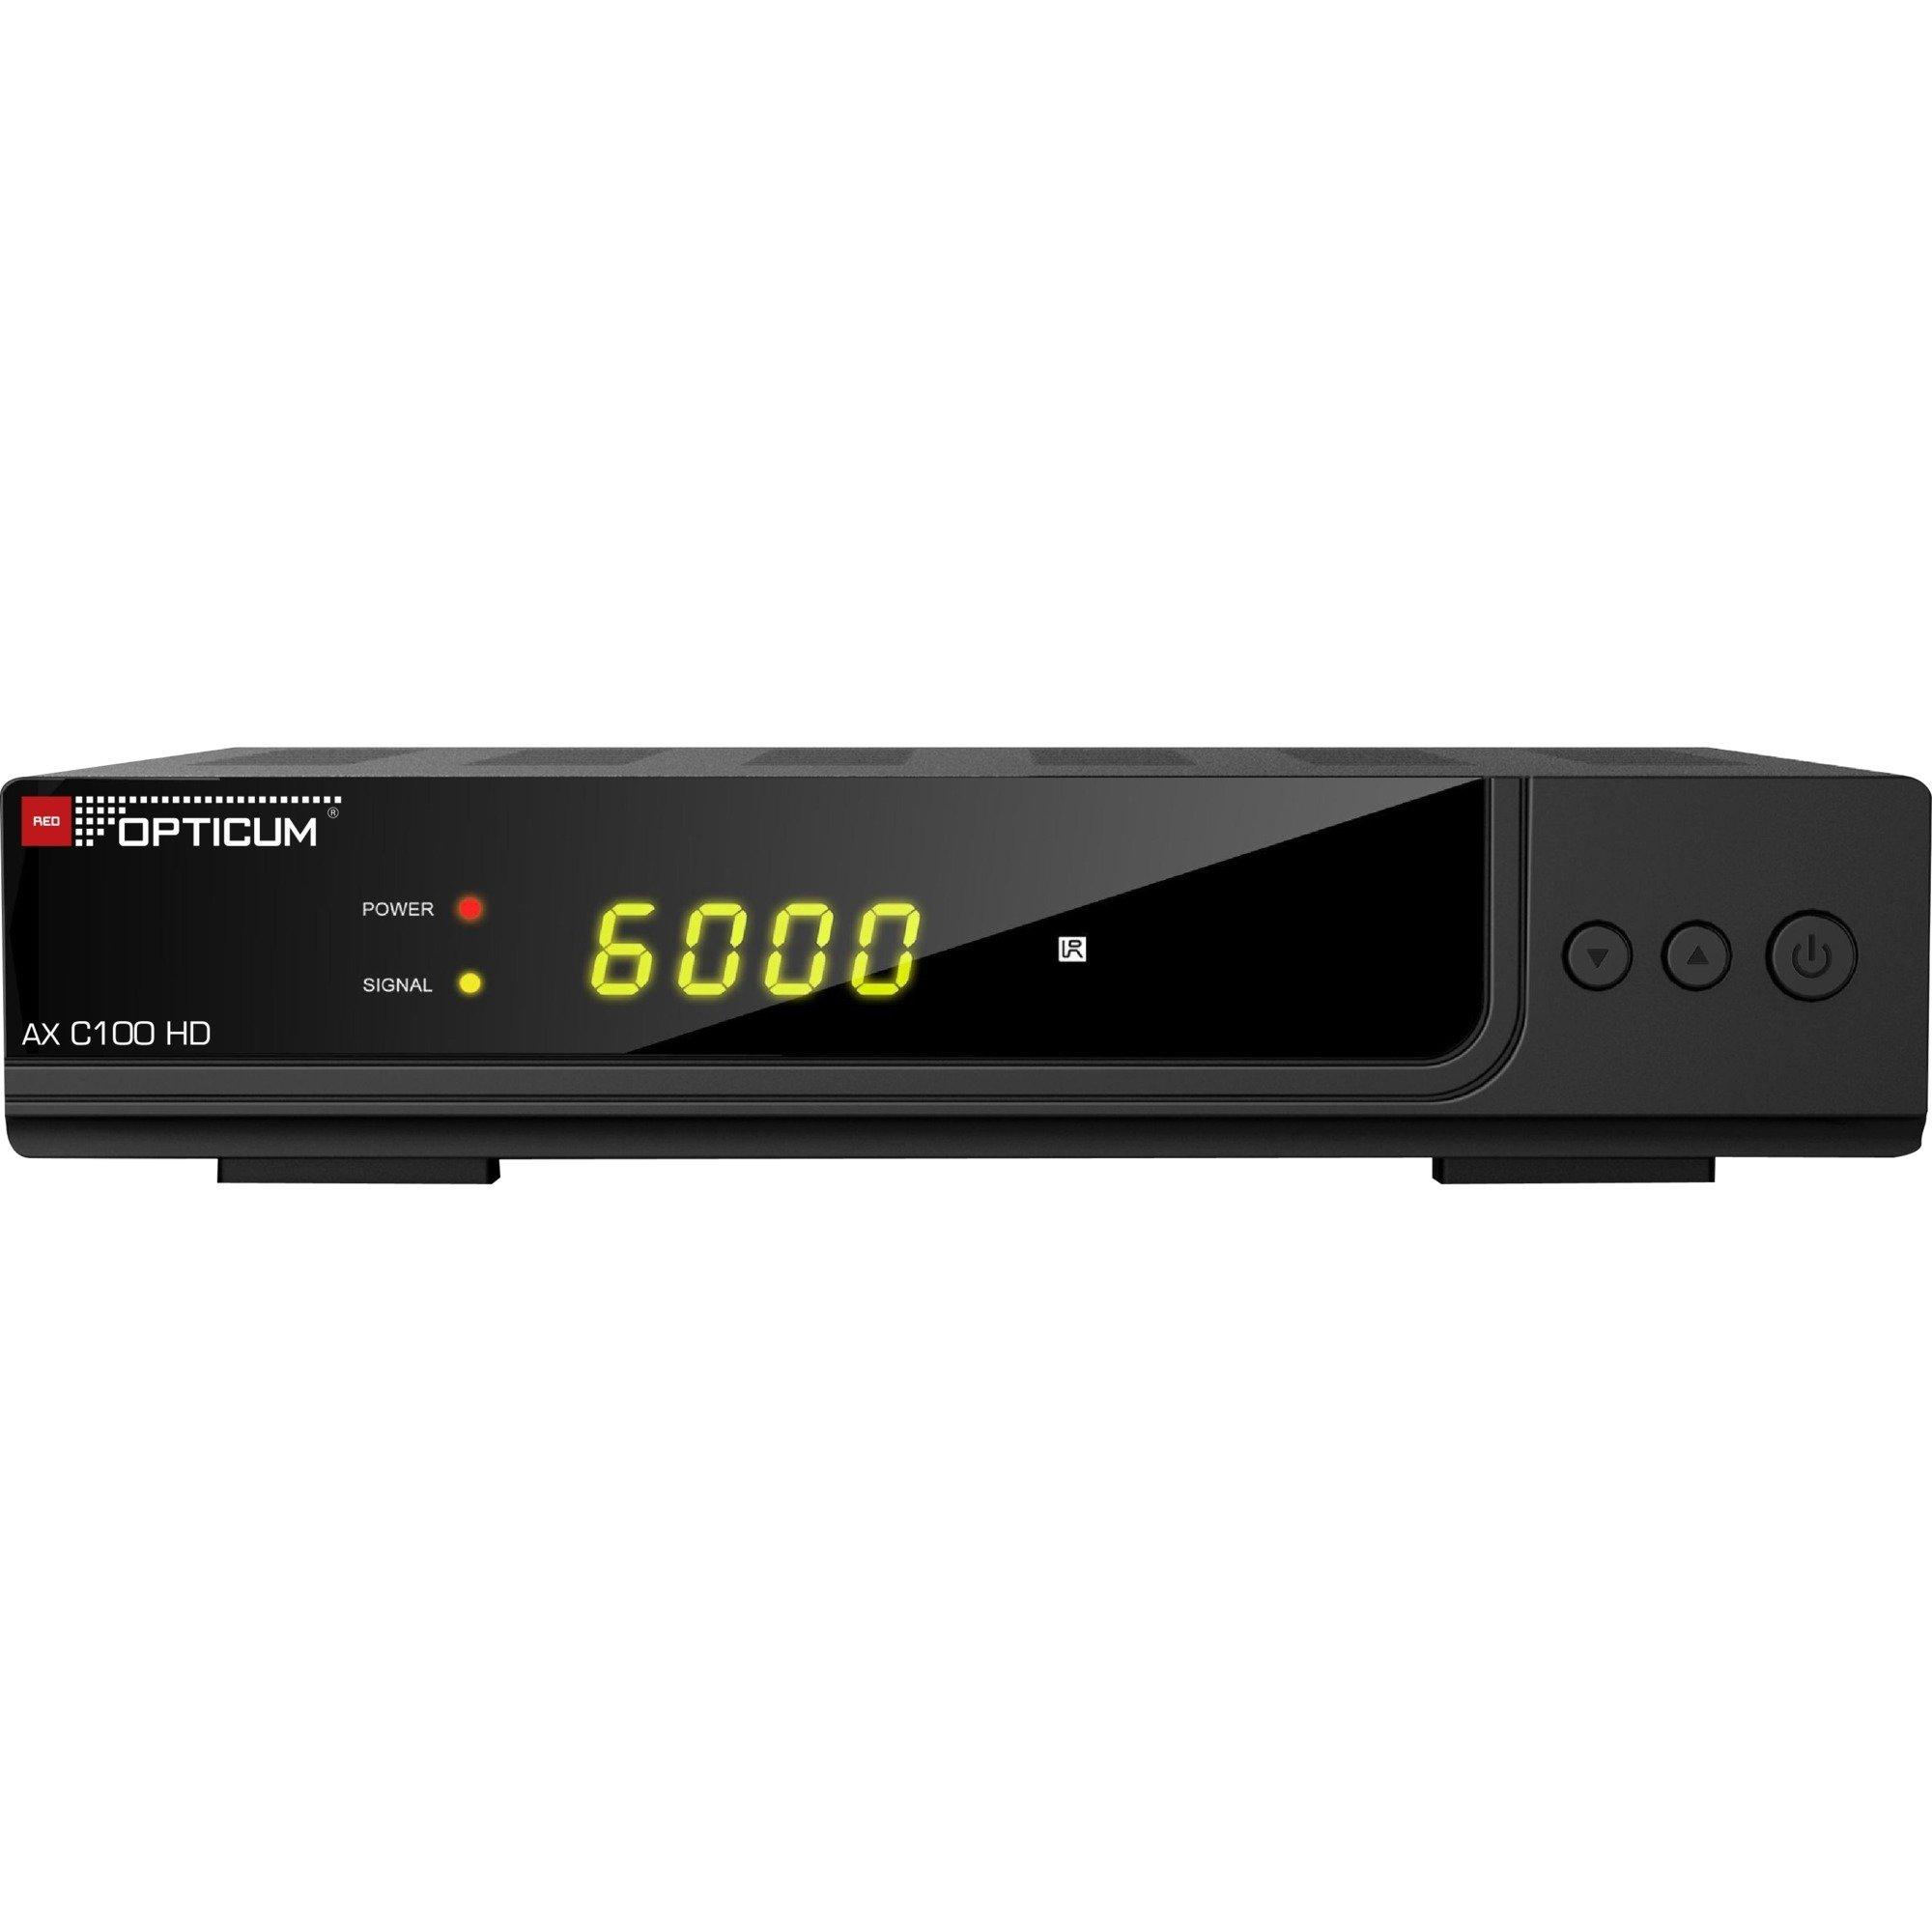 C100 HD, Kabel-modtager